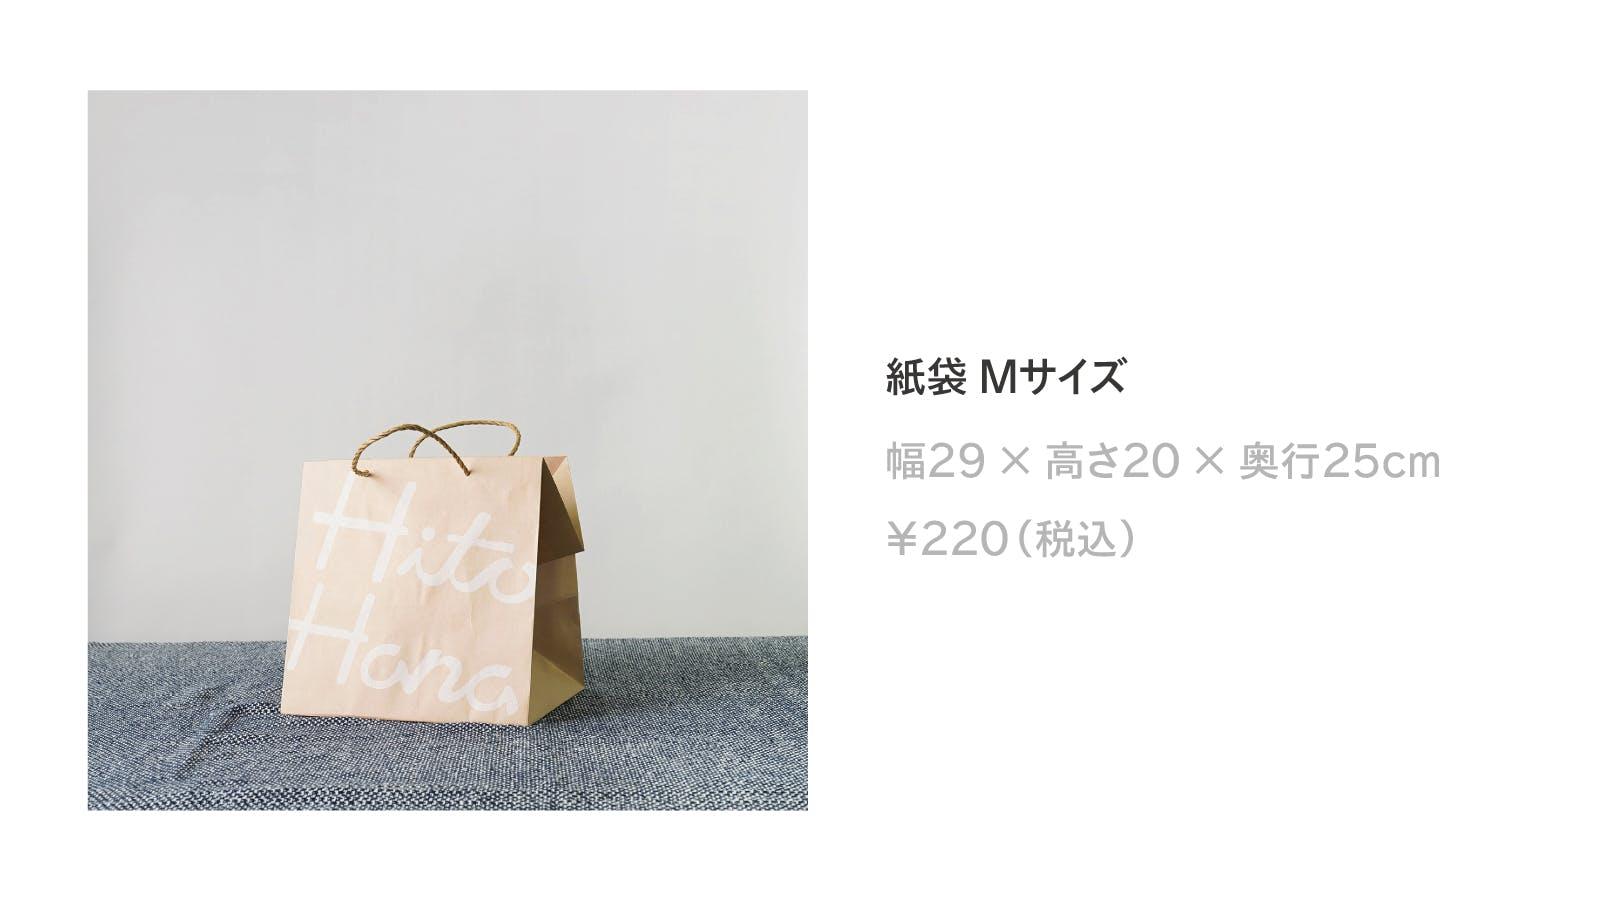 紙袋のサイズ